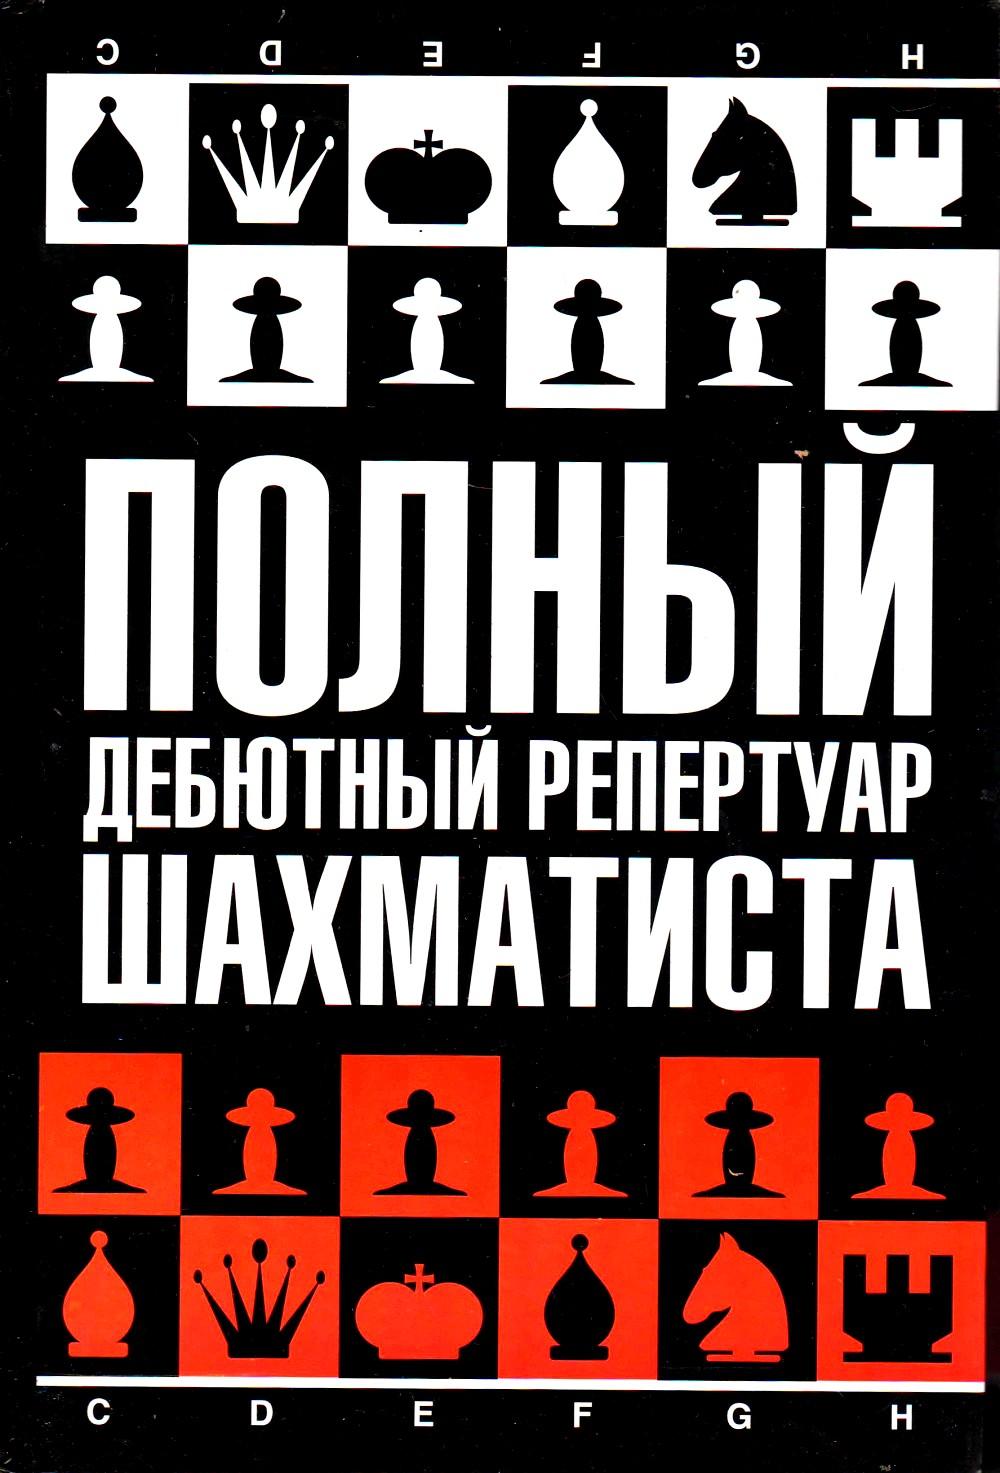 Калиниченко Н.М. Полный дебютный репертуар шахматиста чехол книжка euro line jacketcradle для samsung galaxy j1 mini черный